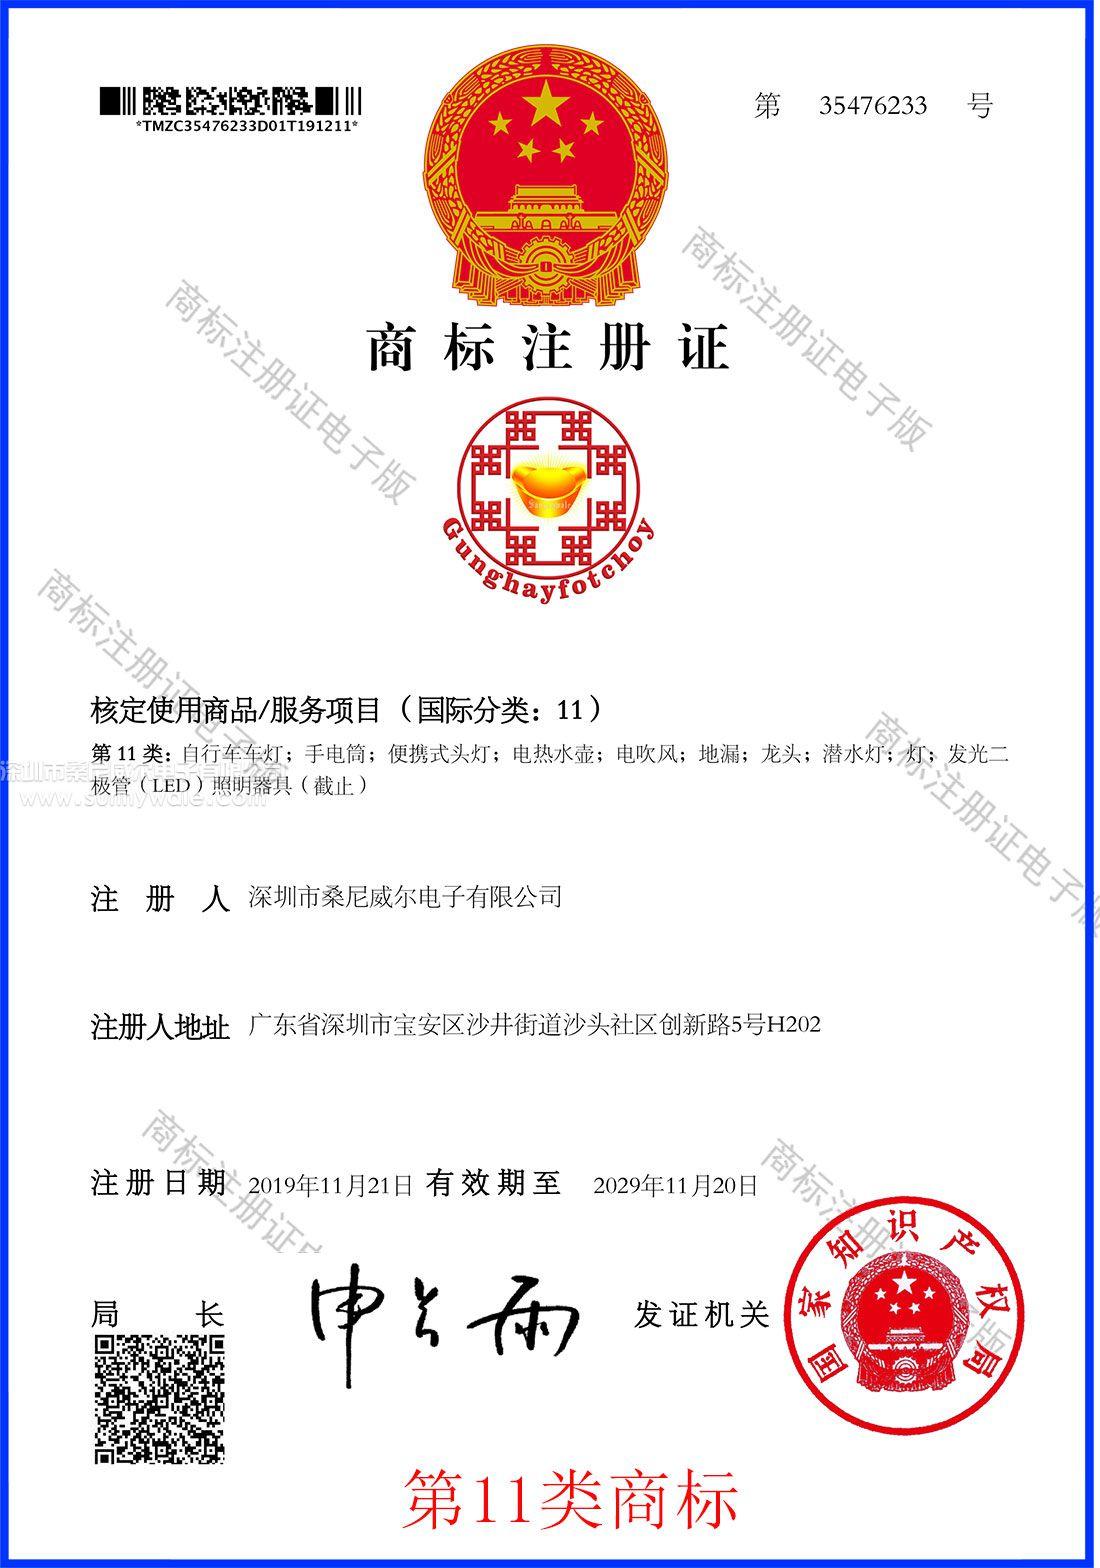 深圳市桑尼威尔电子有限公司中国第11类商标